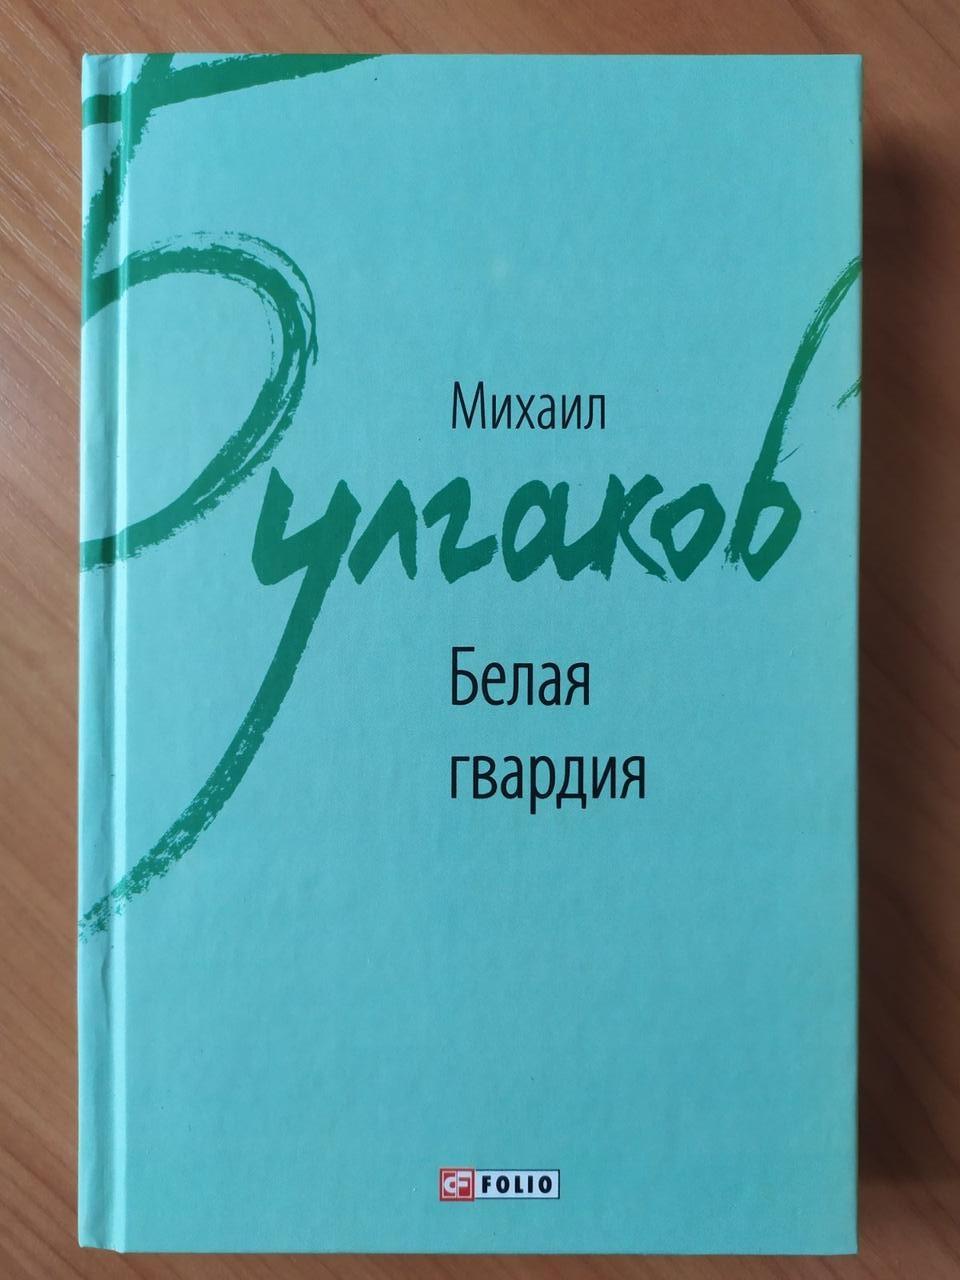 Михаил Булгаков. Белая гвардия